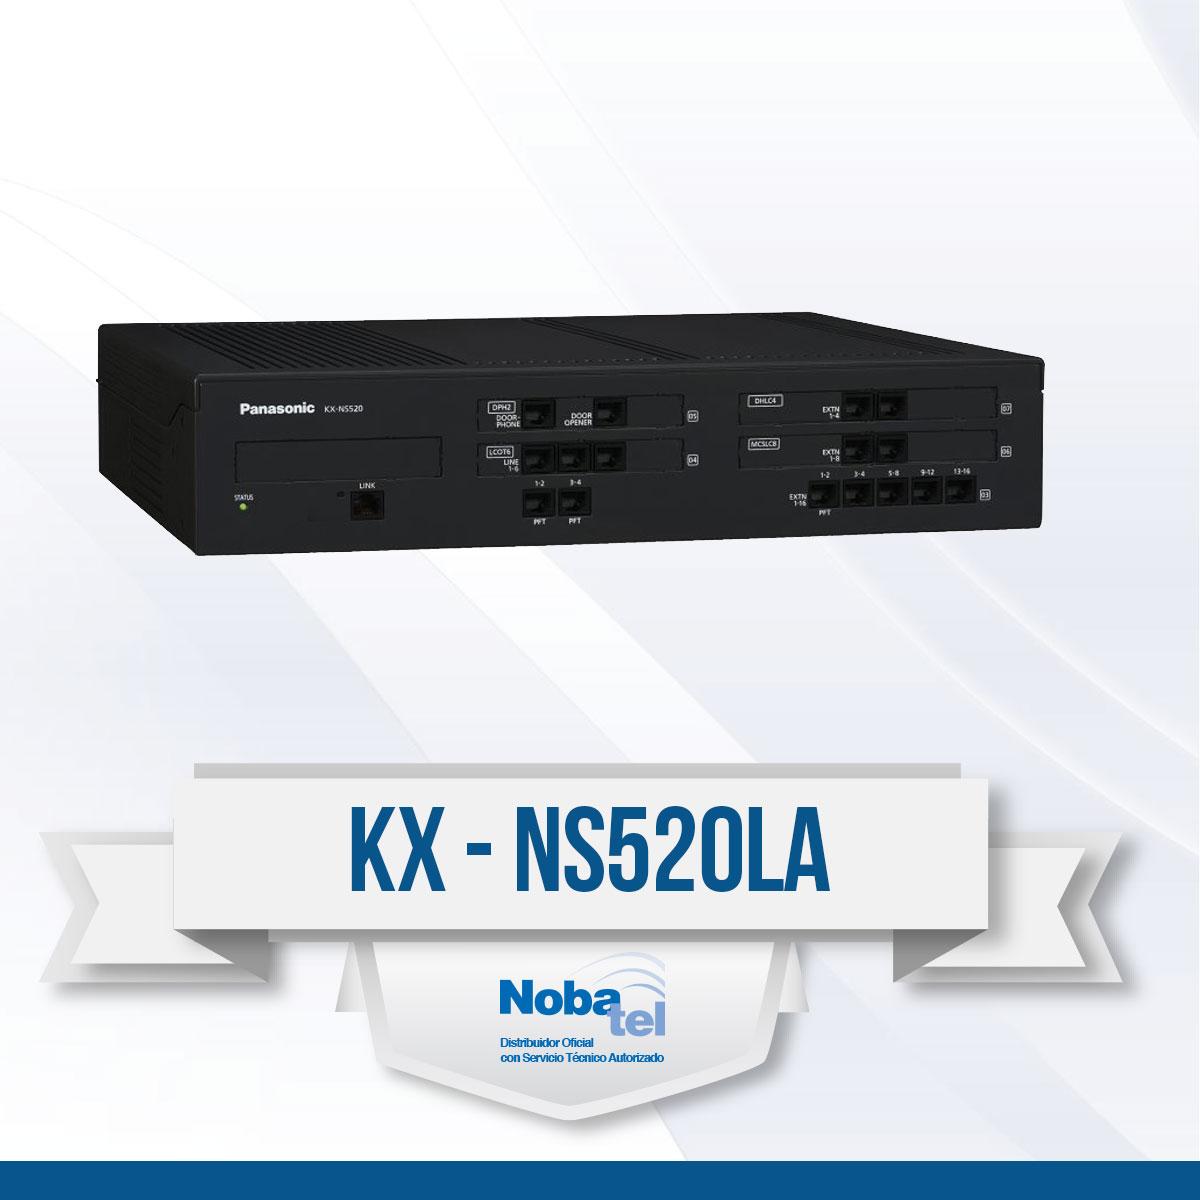 KX-NS520